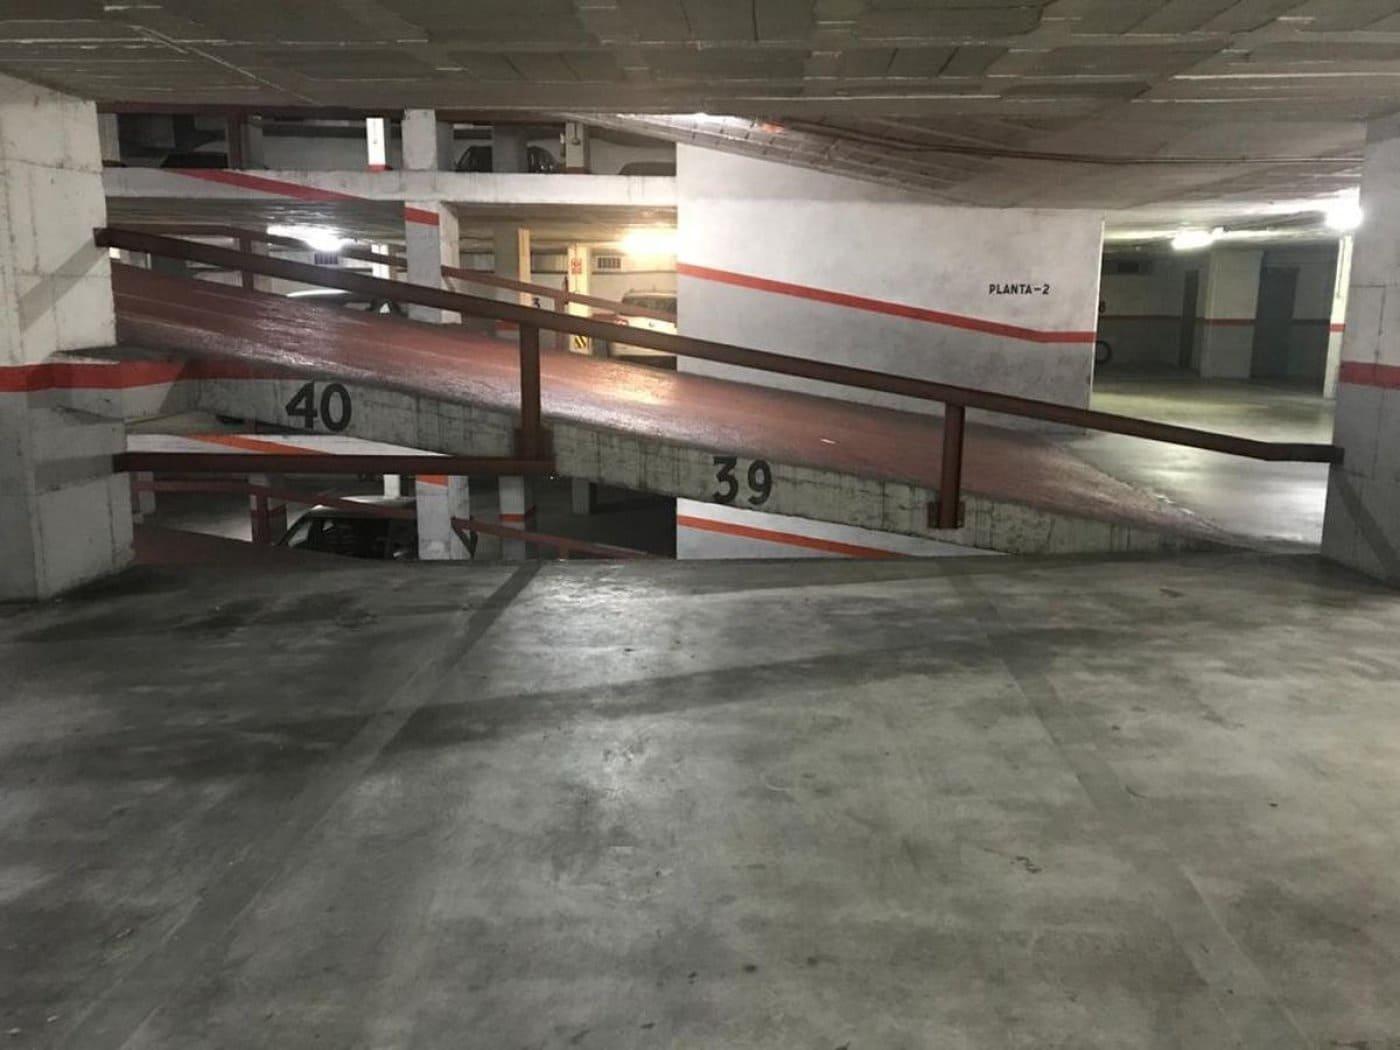 Garage à vendre à Sant Carles de la Rapita - 11 500 € (Ref: 5719245)